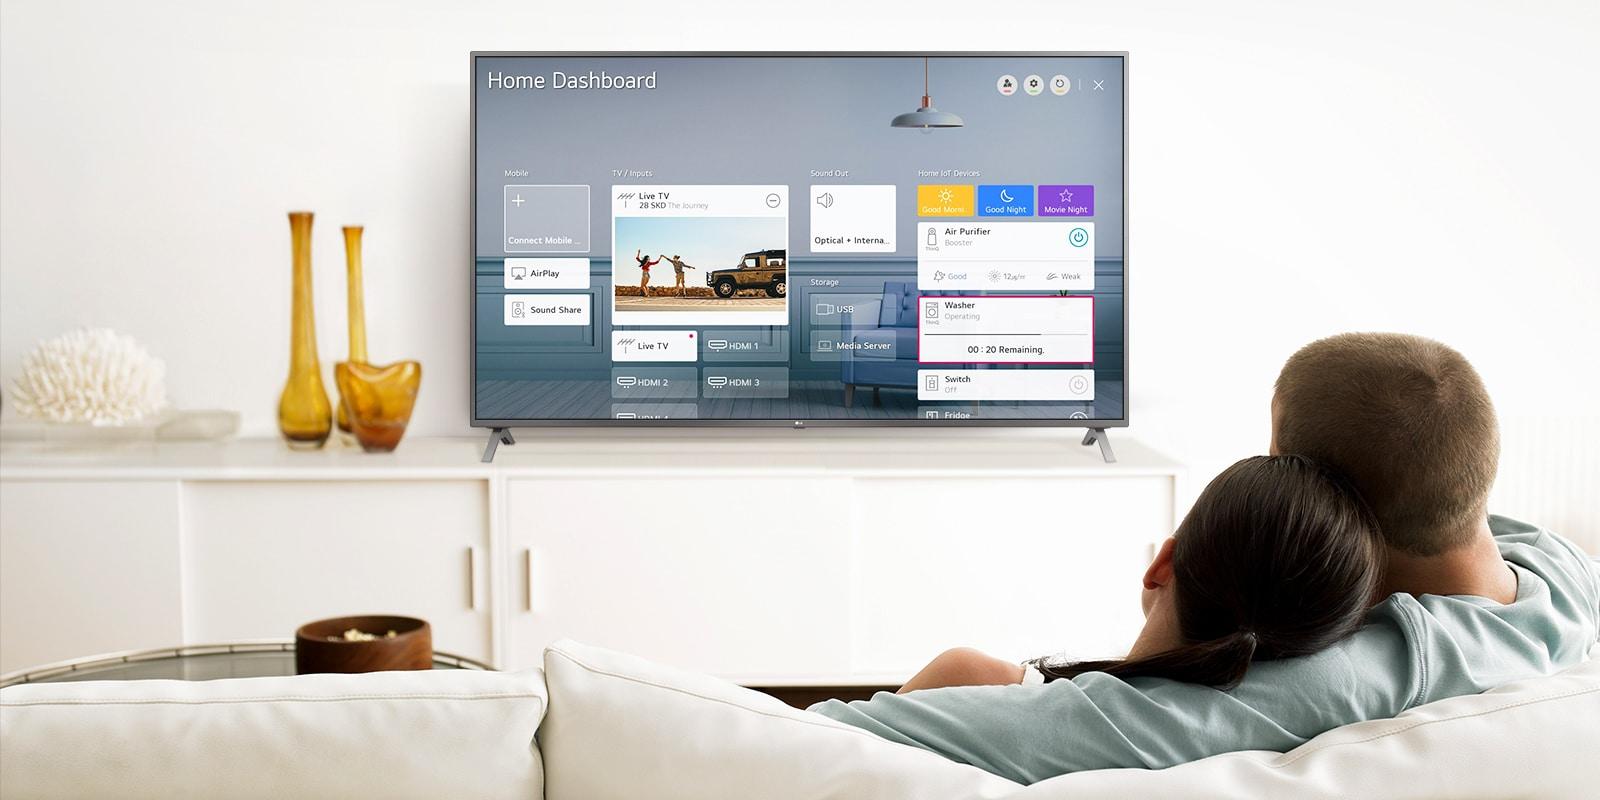 Một người đàn ông và một người phụ nữ ngồi trên ghế sofa trong phòng khách với Bảng điều khiển Home trên màn hình TV.